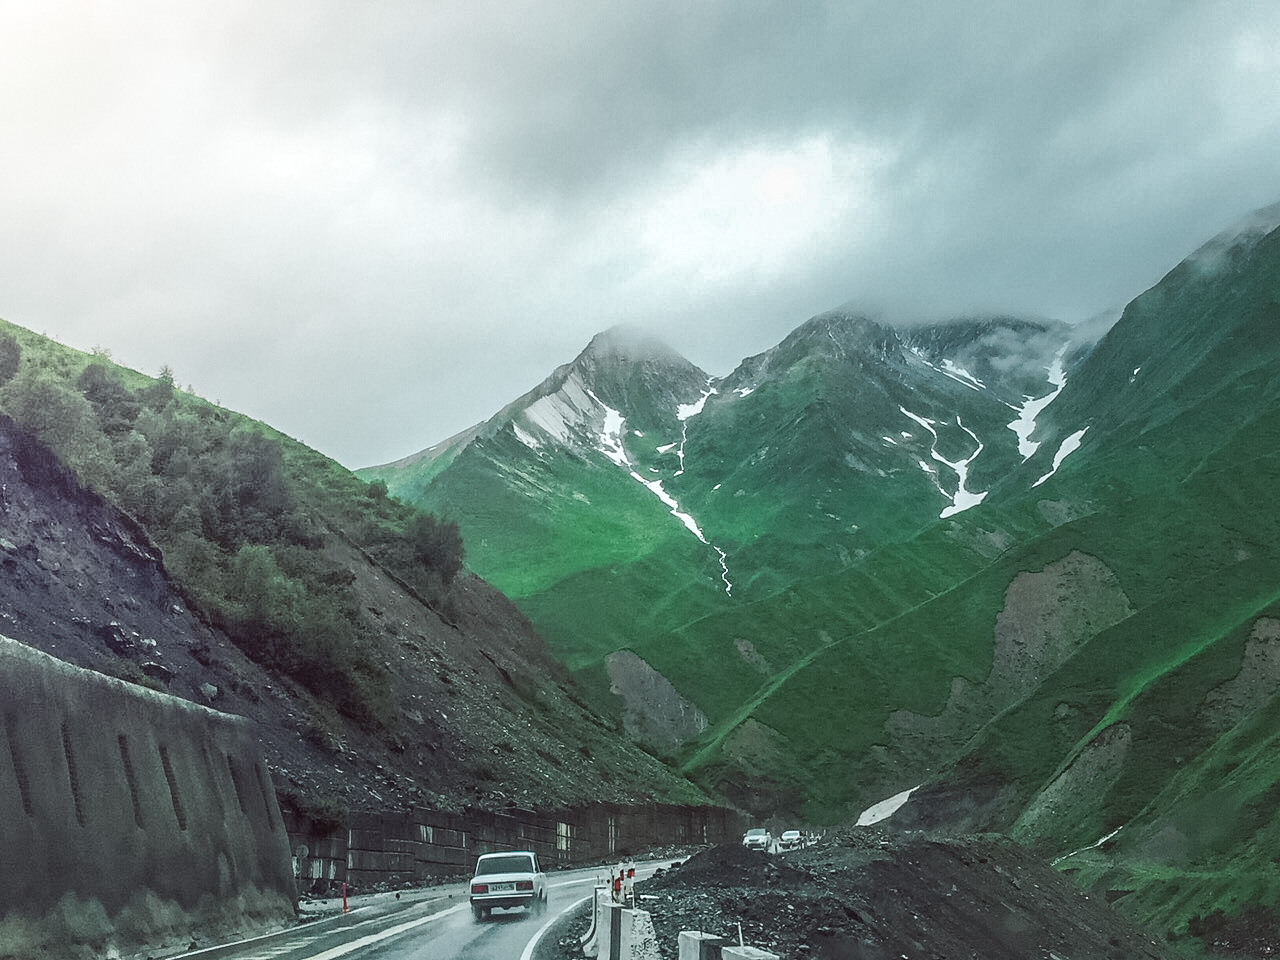 Drive through the mountains of Kazbegi